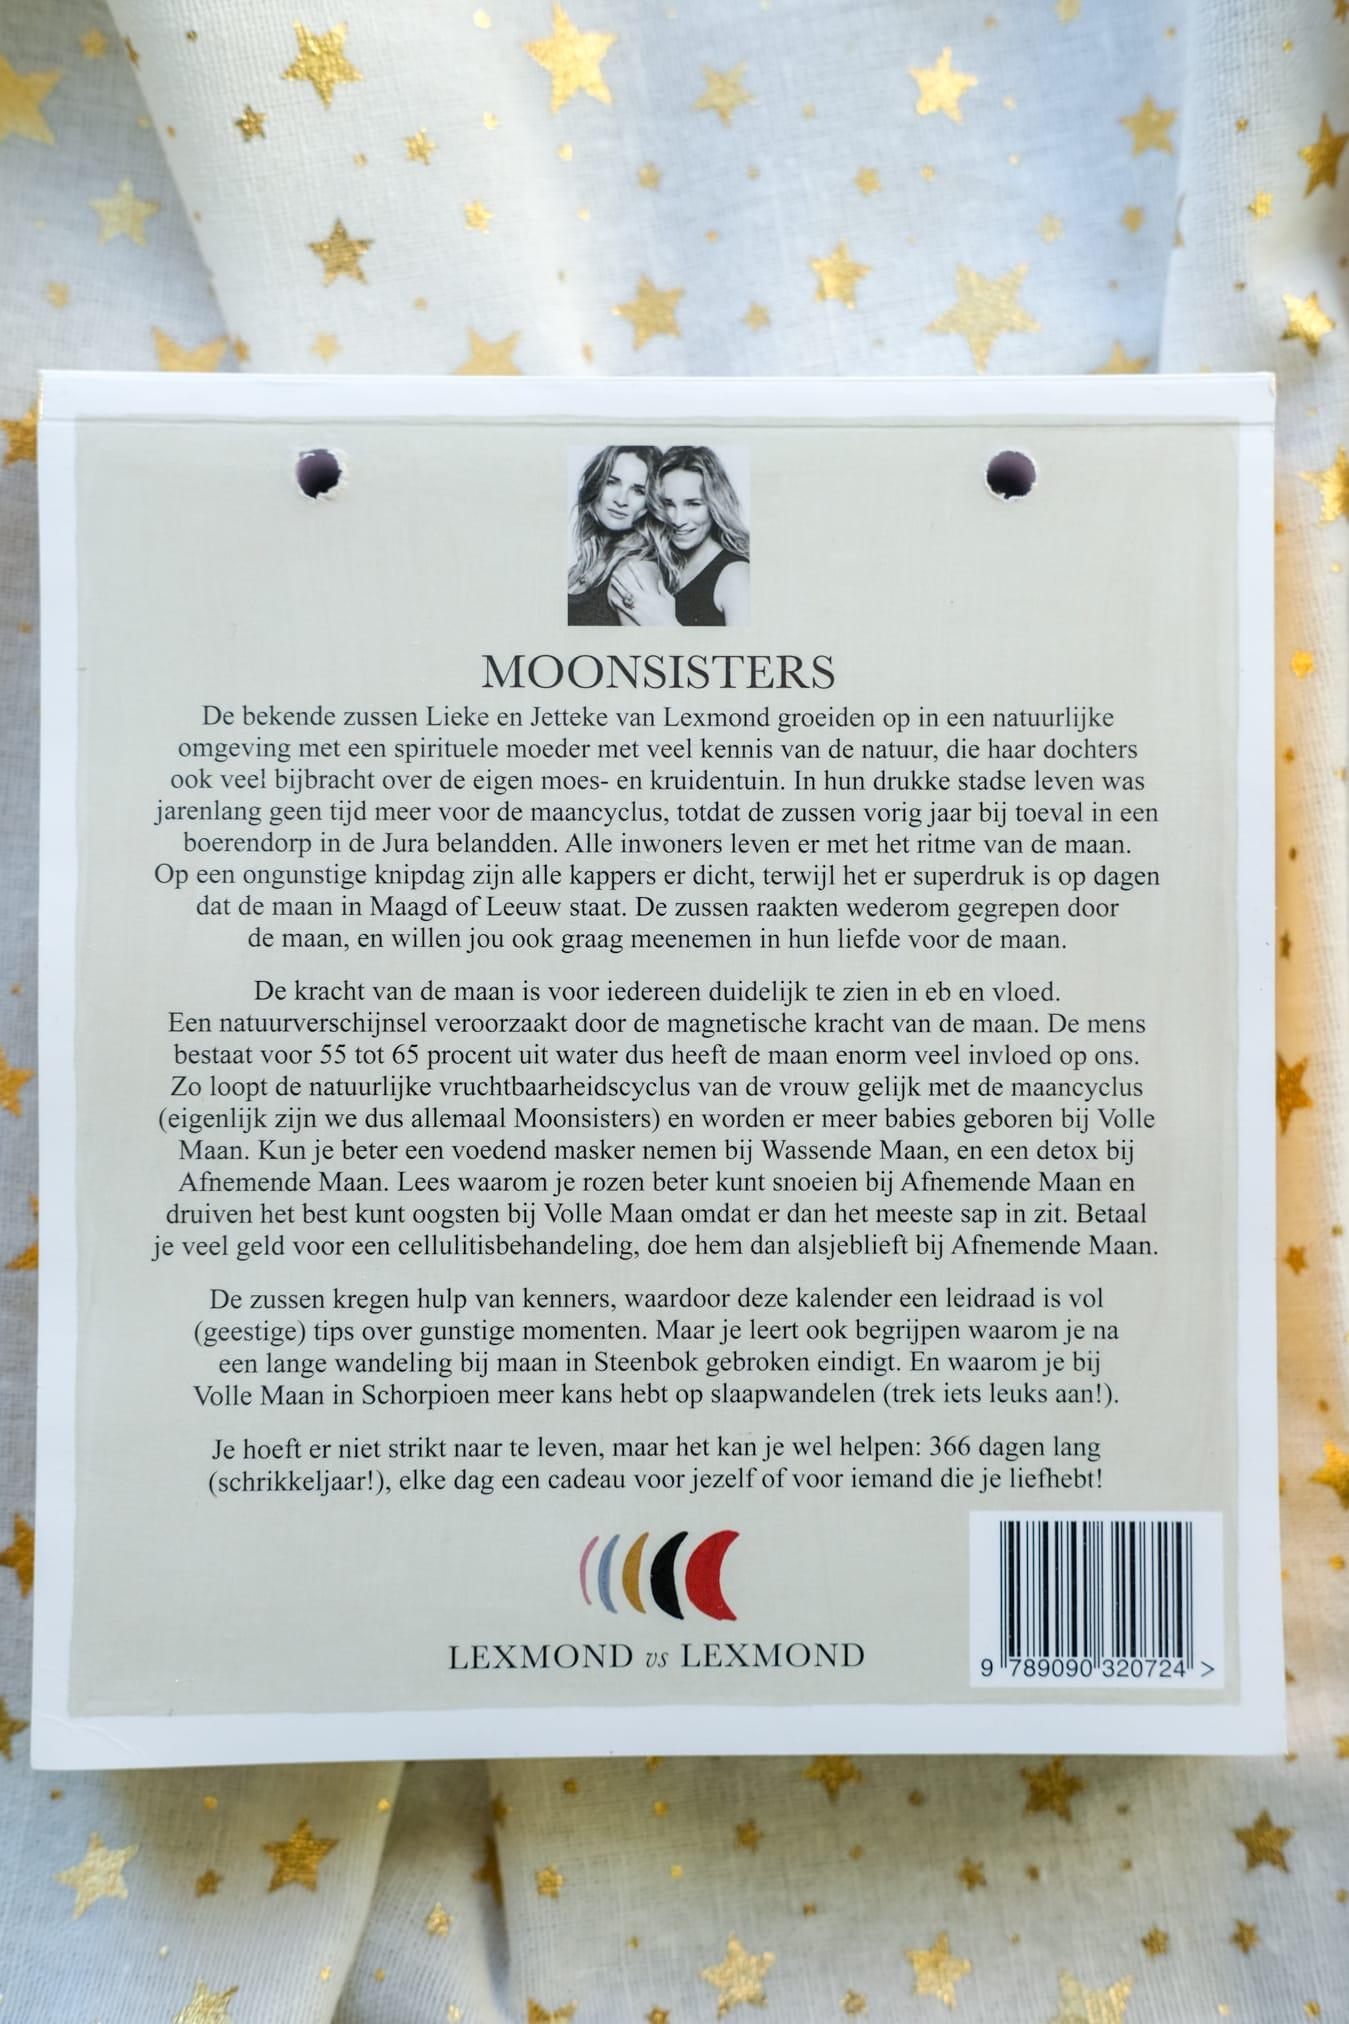 moonsisters scheurkalender lexmond vs lexmond